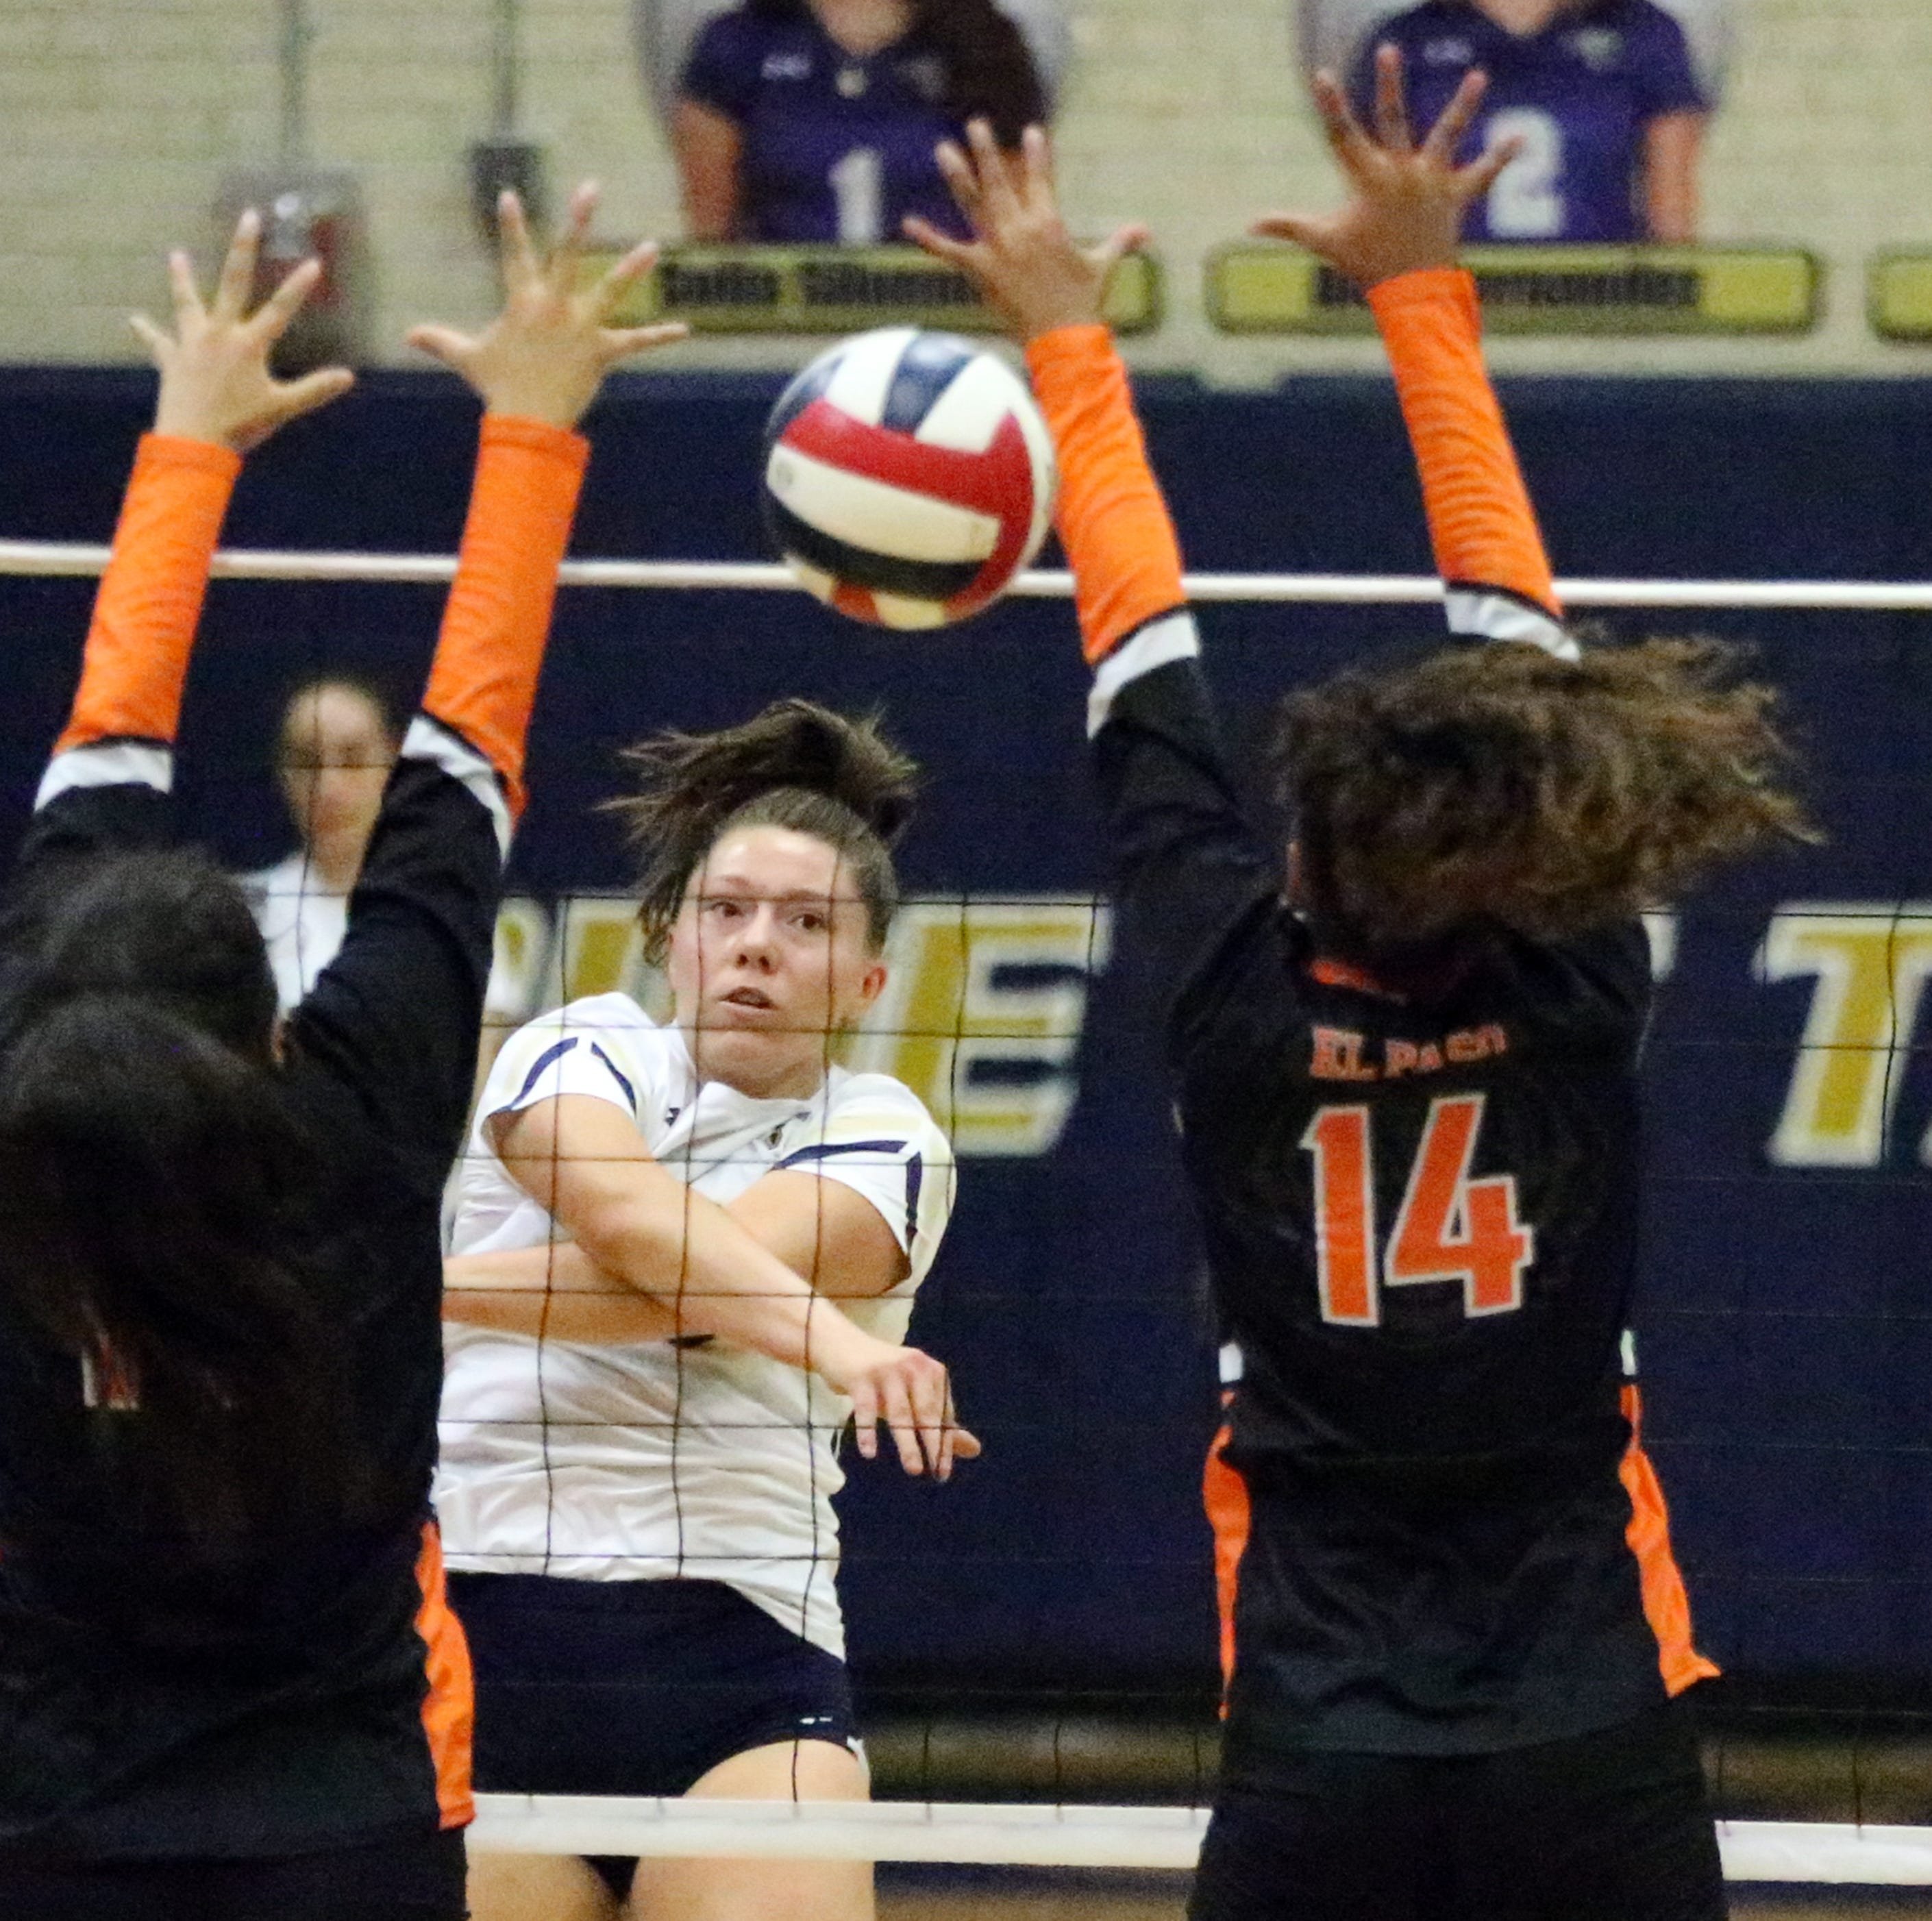 El Paso high school sports results, Friday, Nov. 9